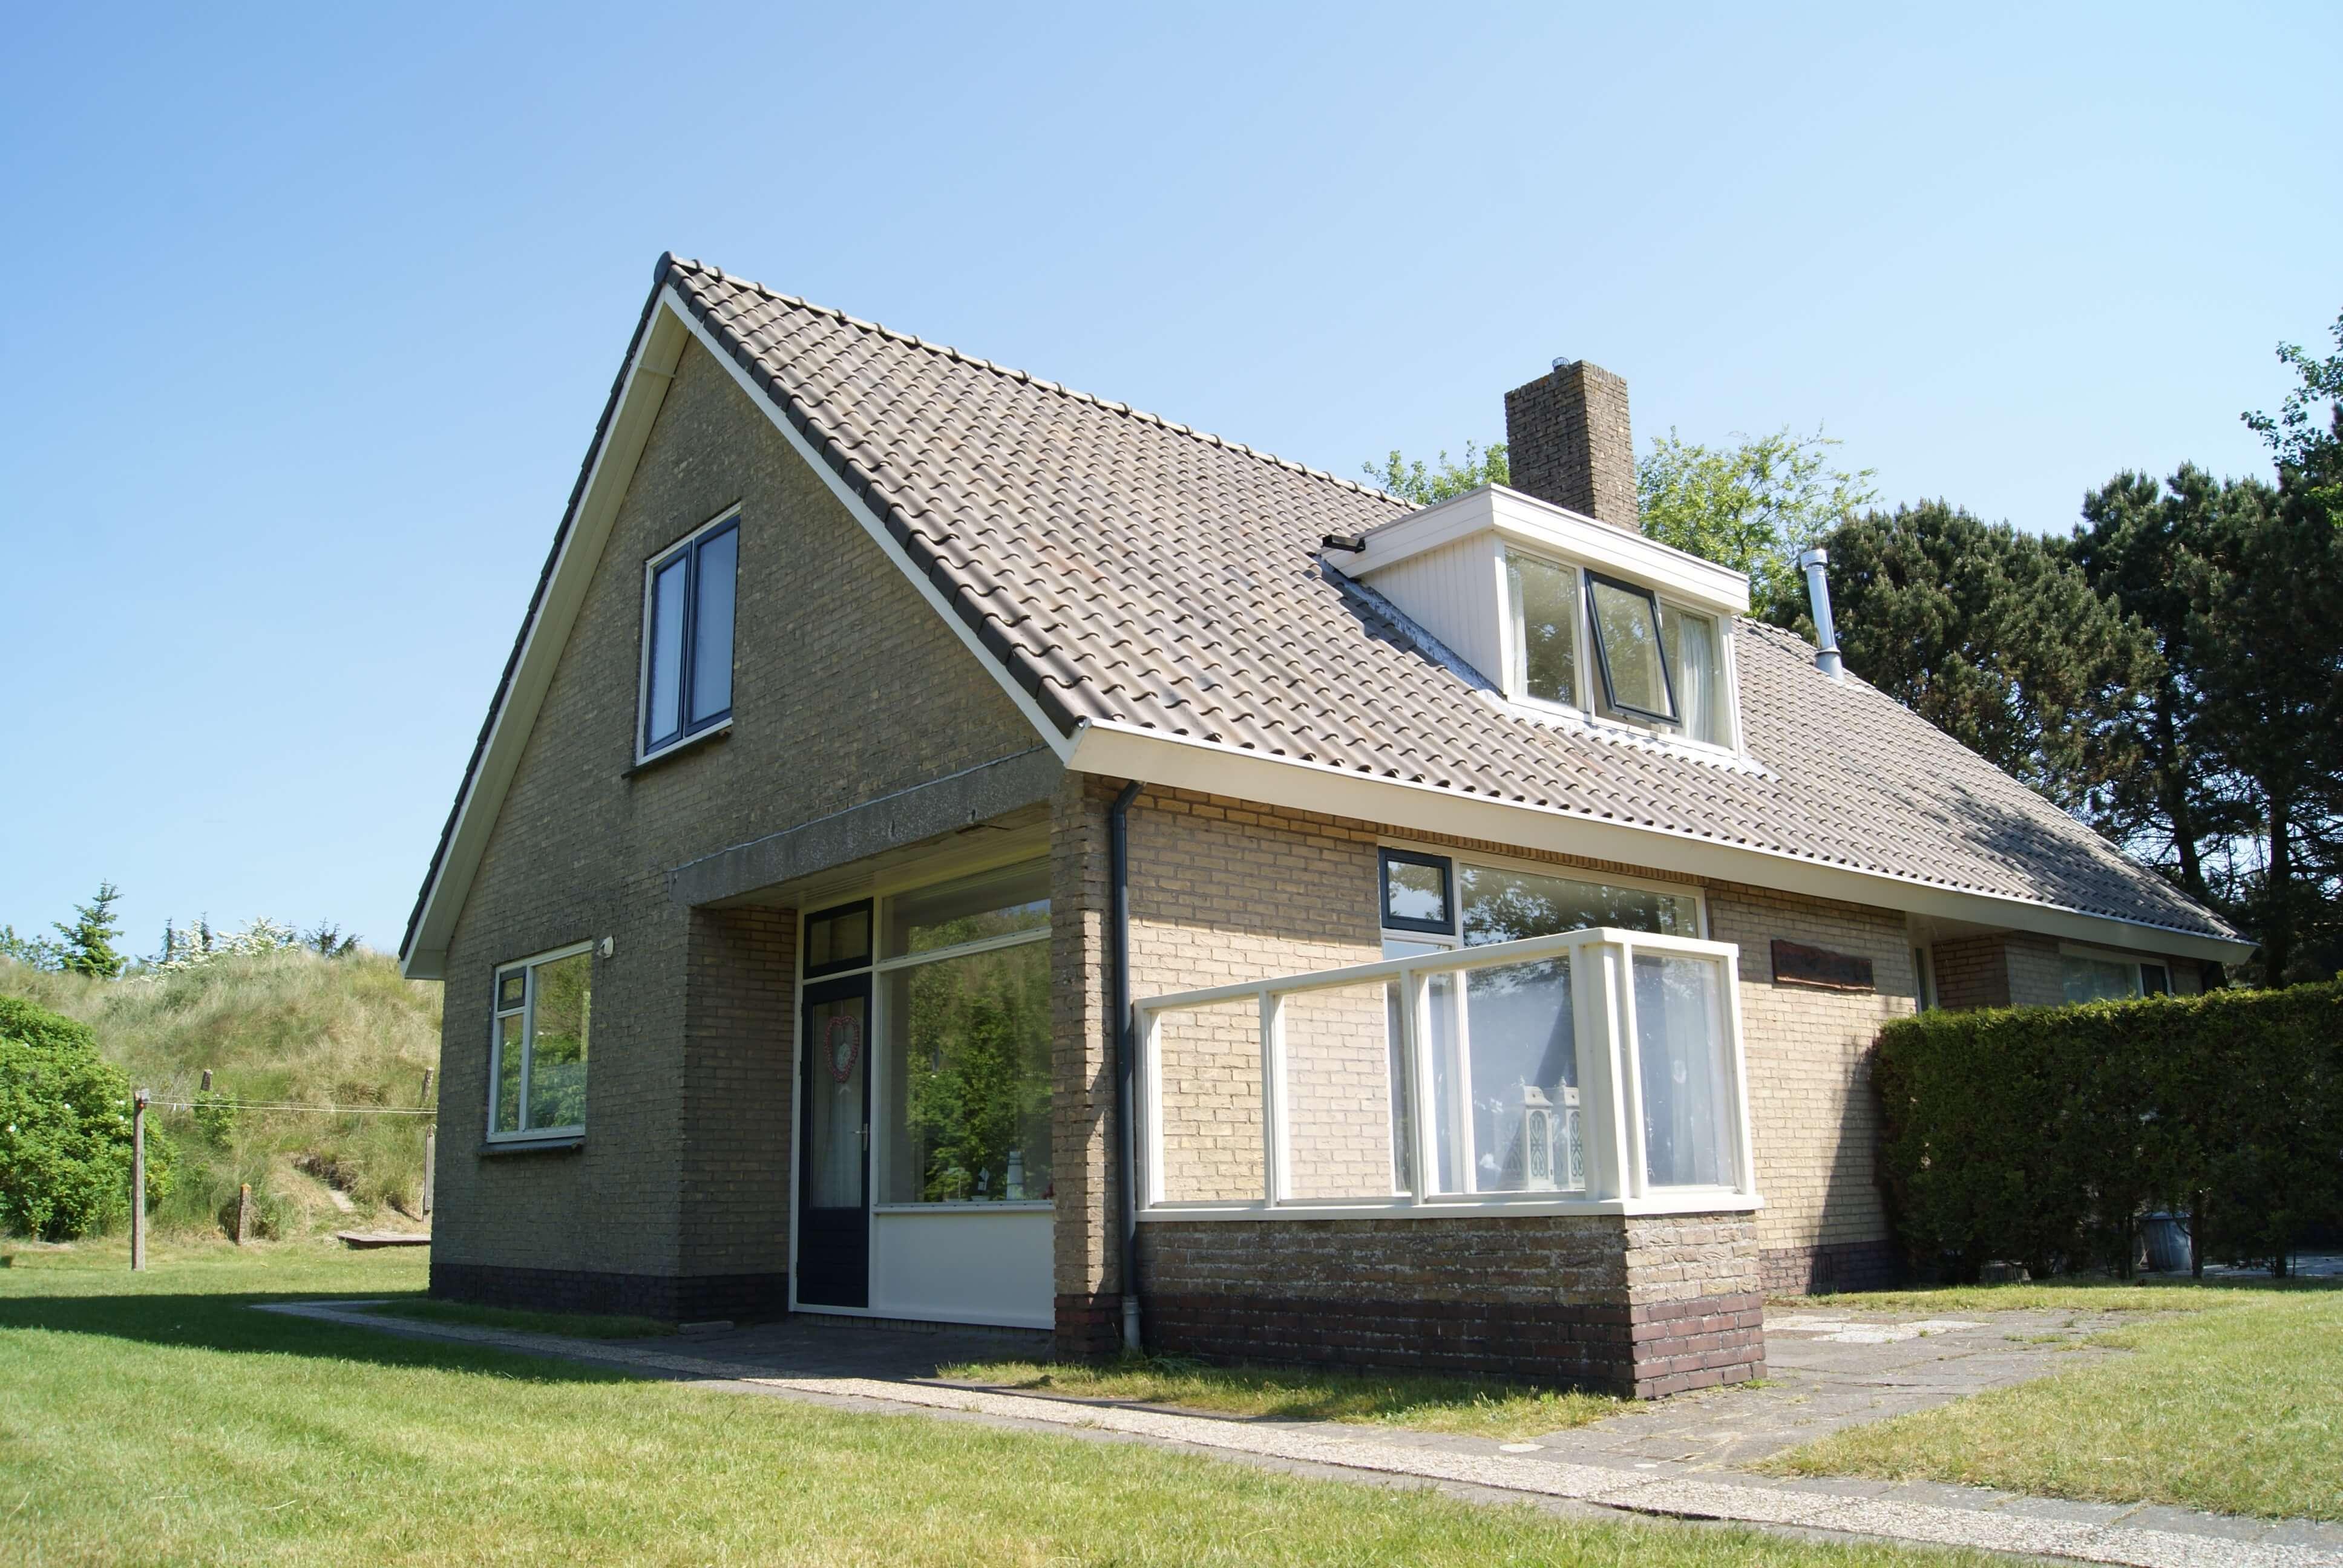 6-persoons vakantiehuis op Schiermonnikoog